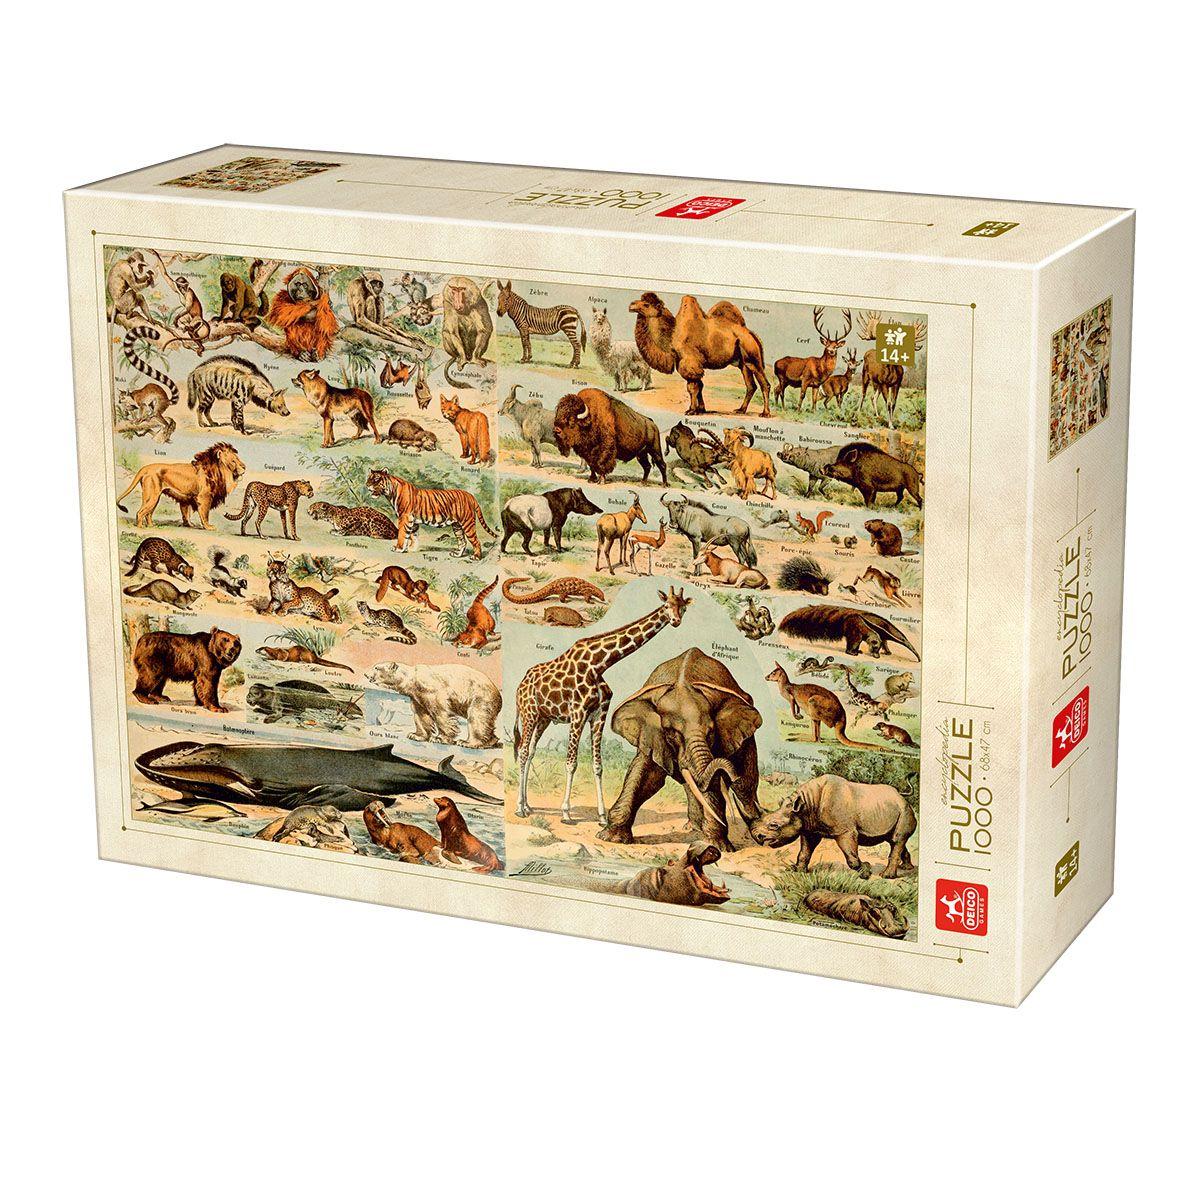 Puzzle Deico Enciclopedia de Animales Salvajes de 1000 Piezas